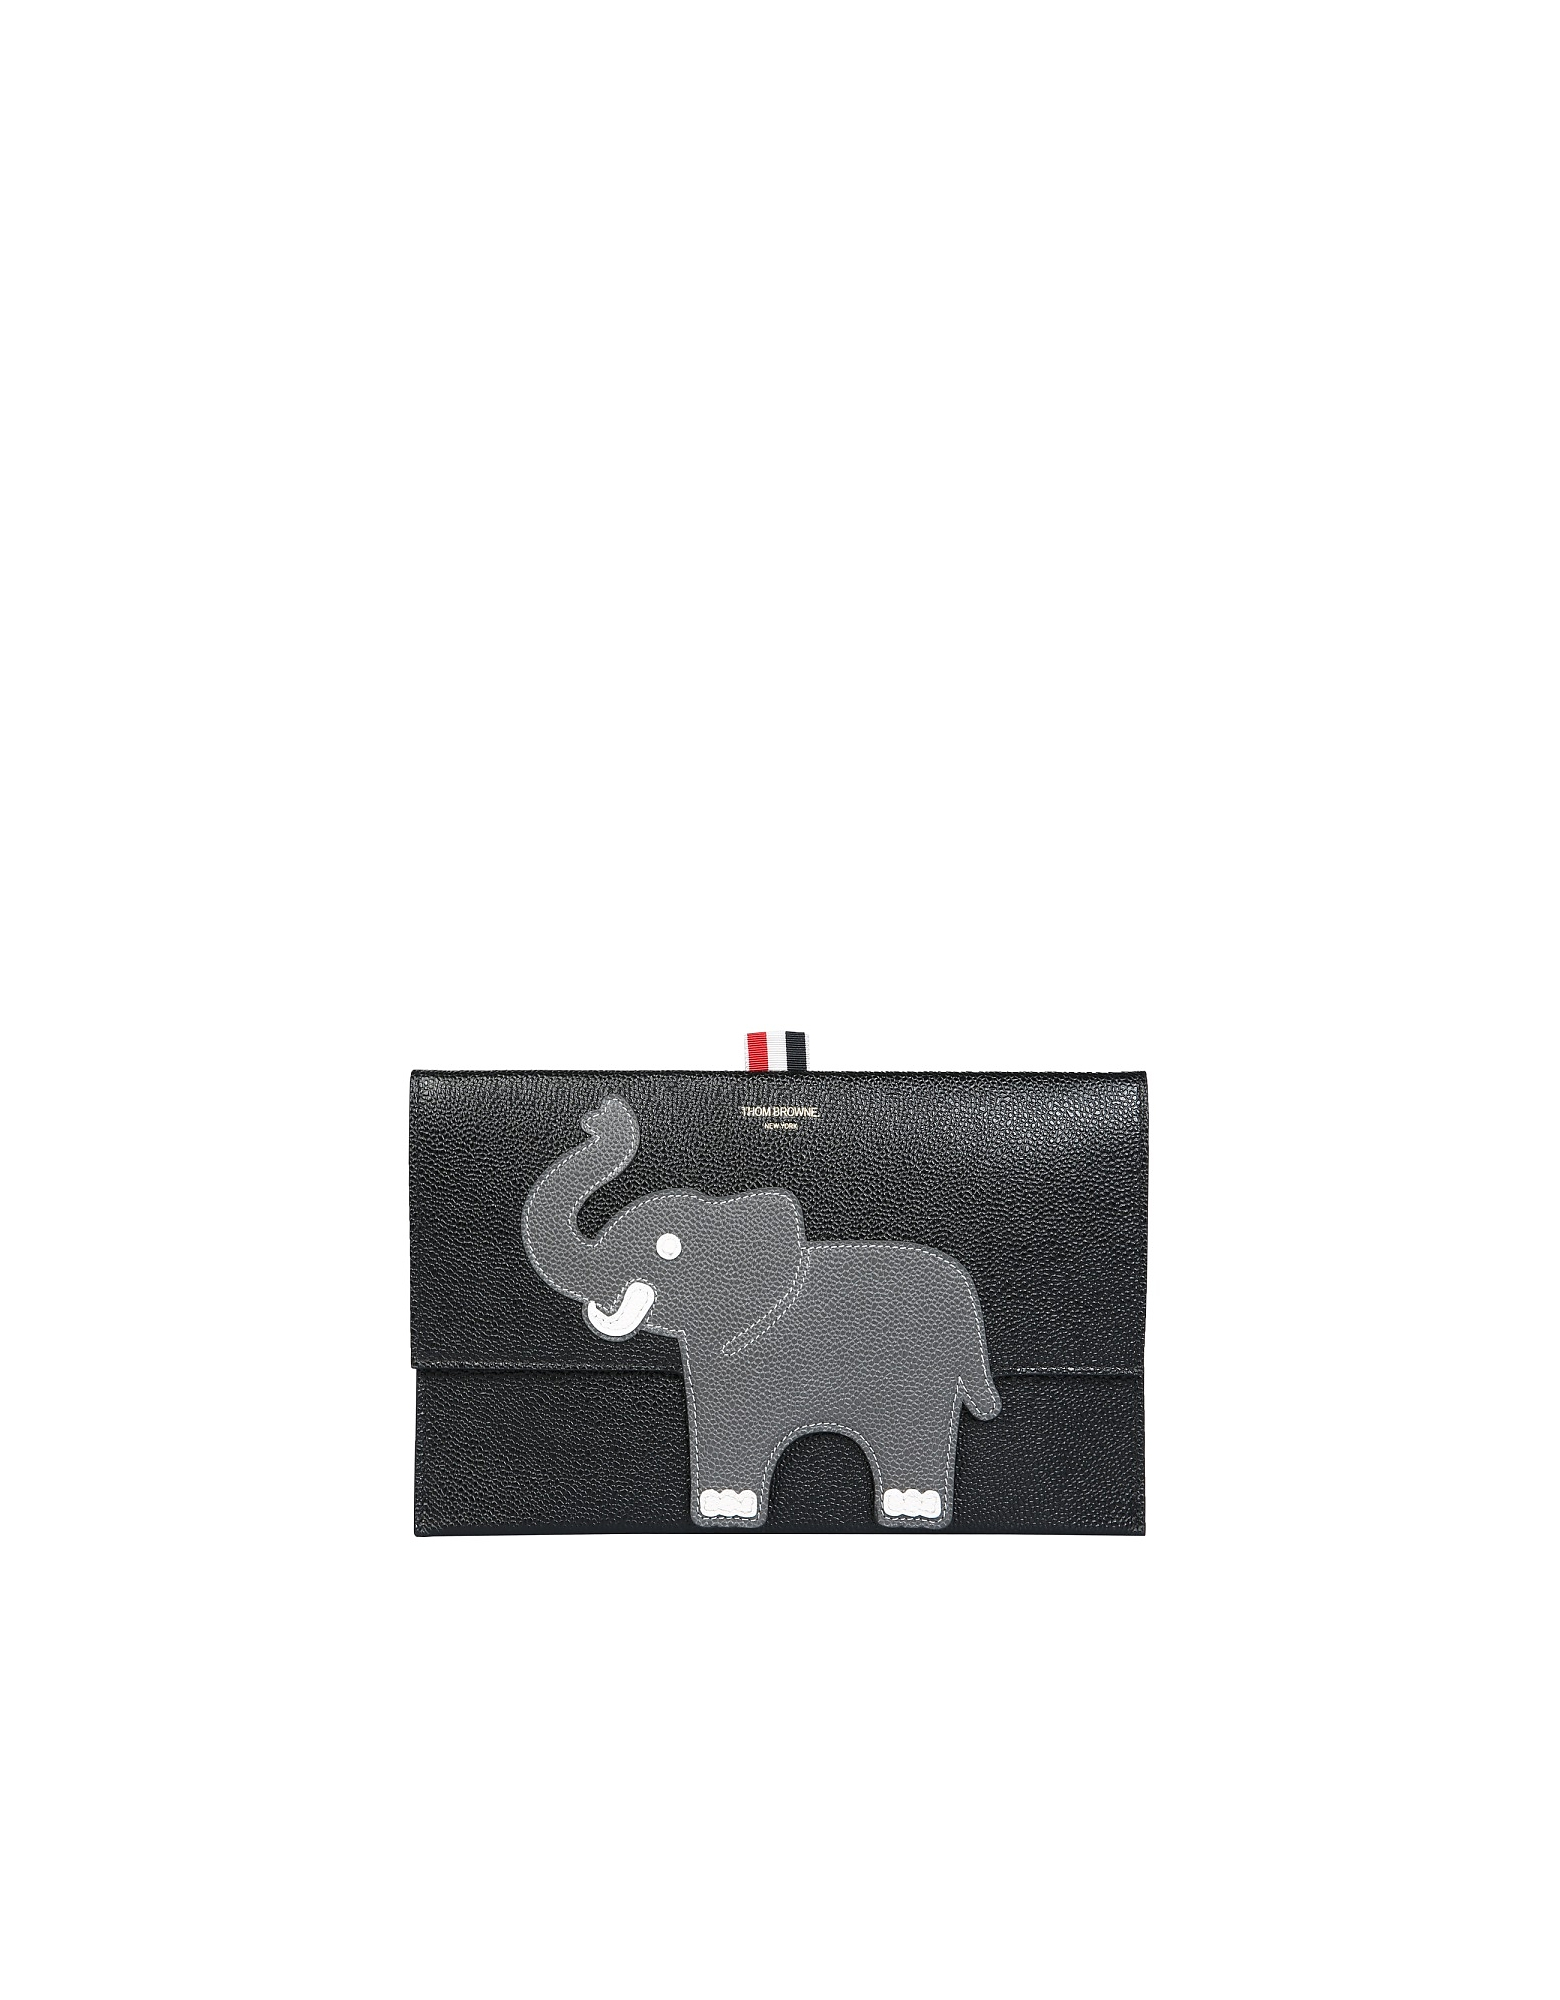 Thom Browne Designer Wallets, Leather Wallet